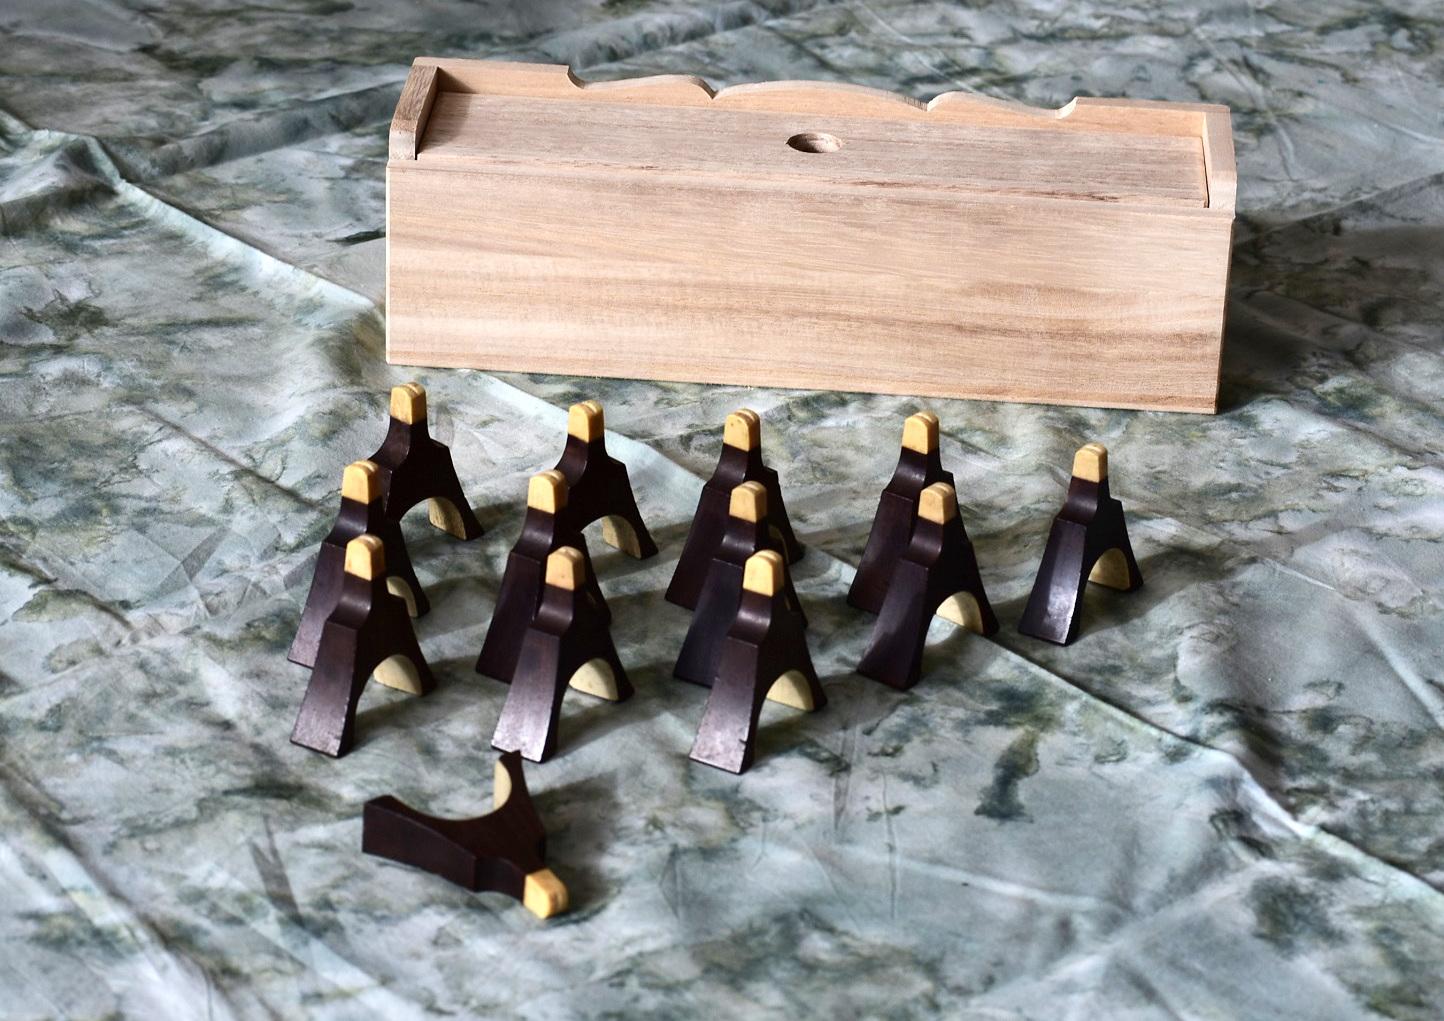 中古 十三絃 紫檀 琴柱セット 兜琴柱